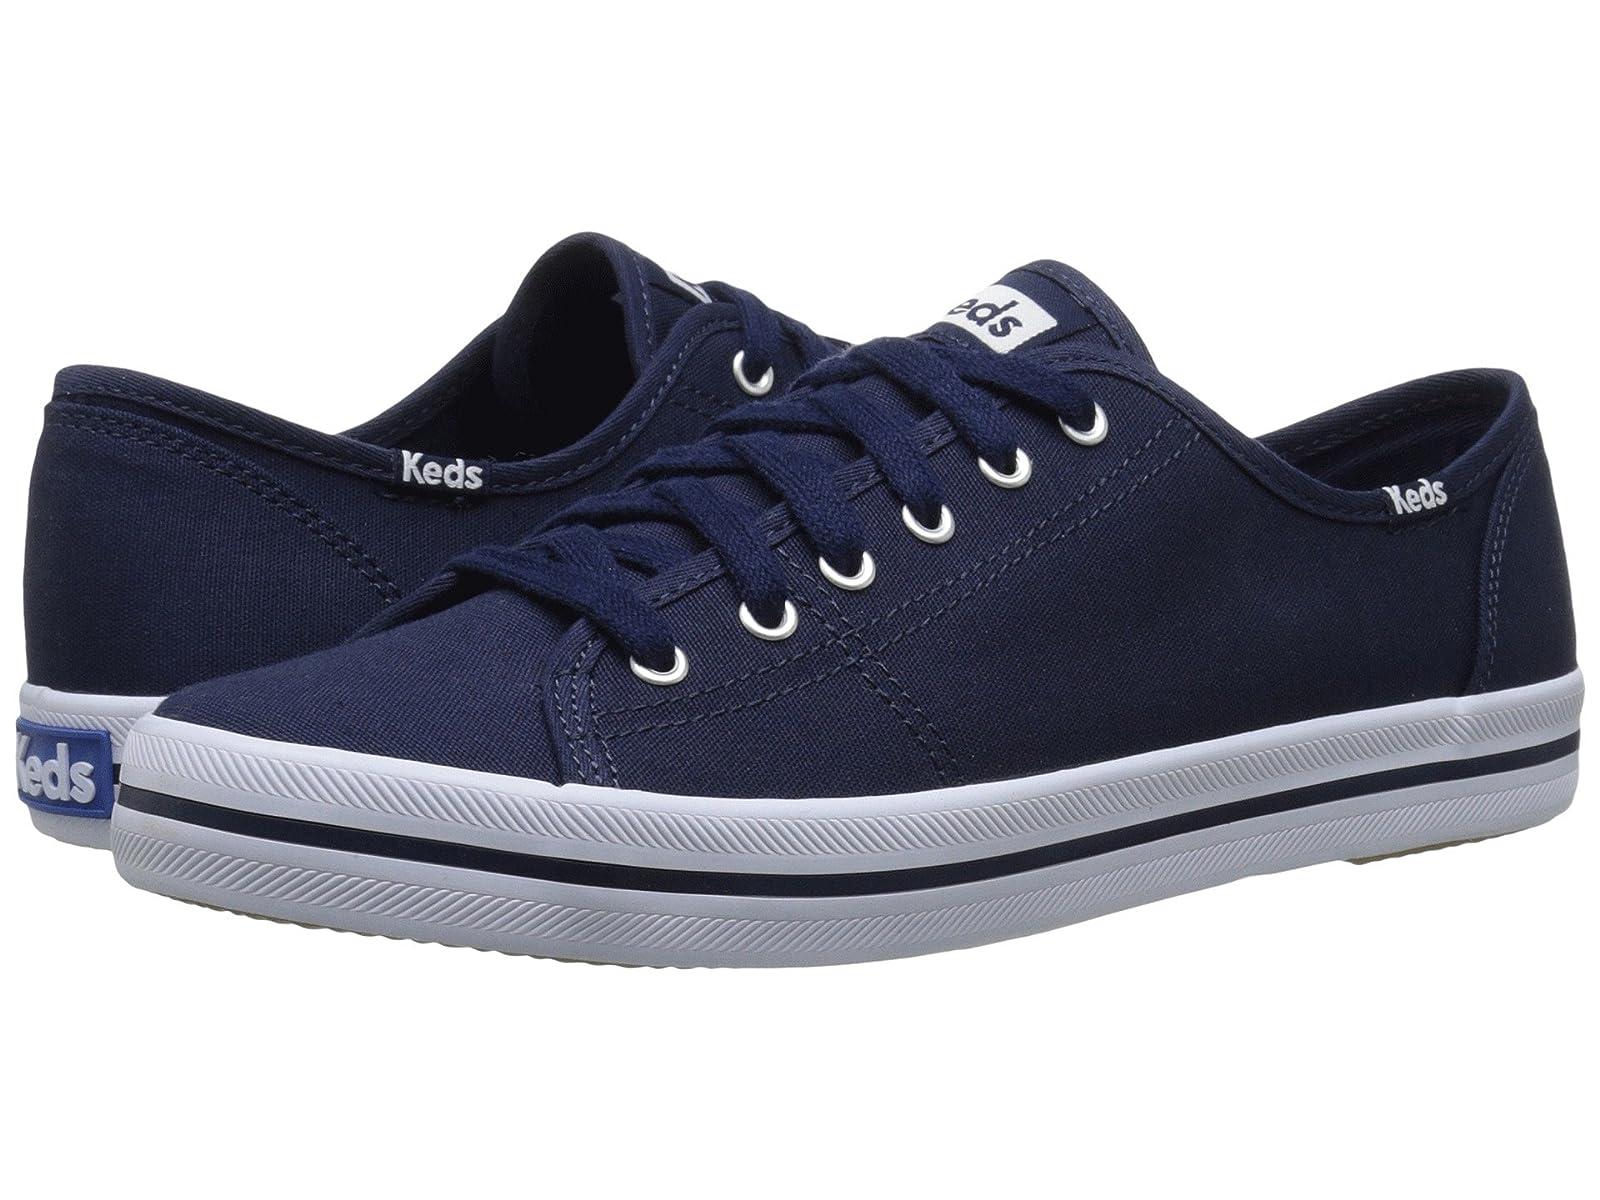 Keds KickstartAtmospheric grades have affordable shoes